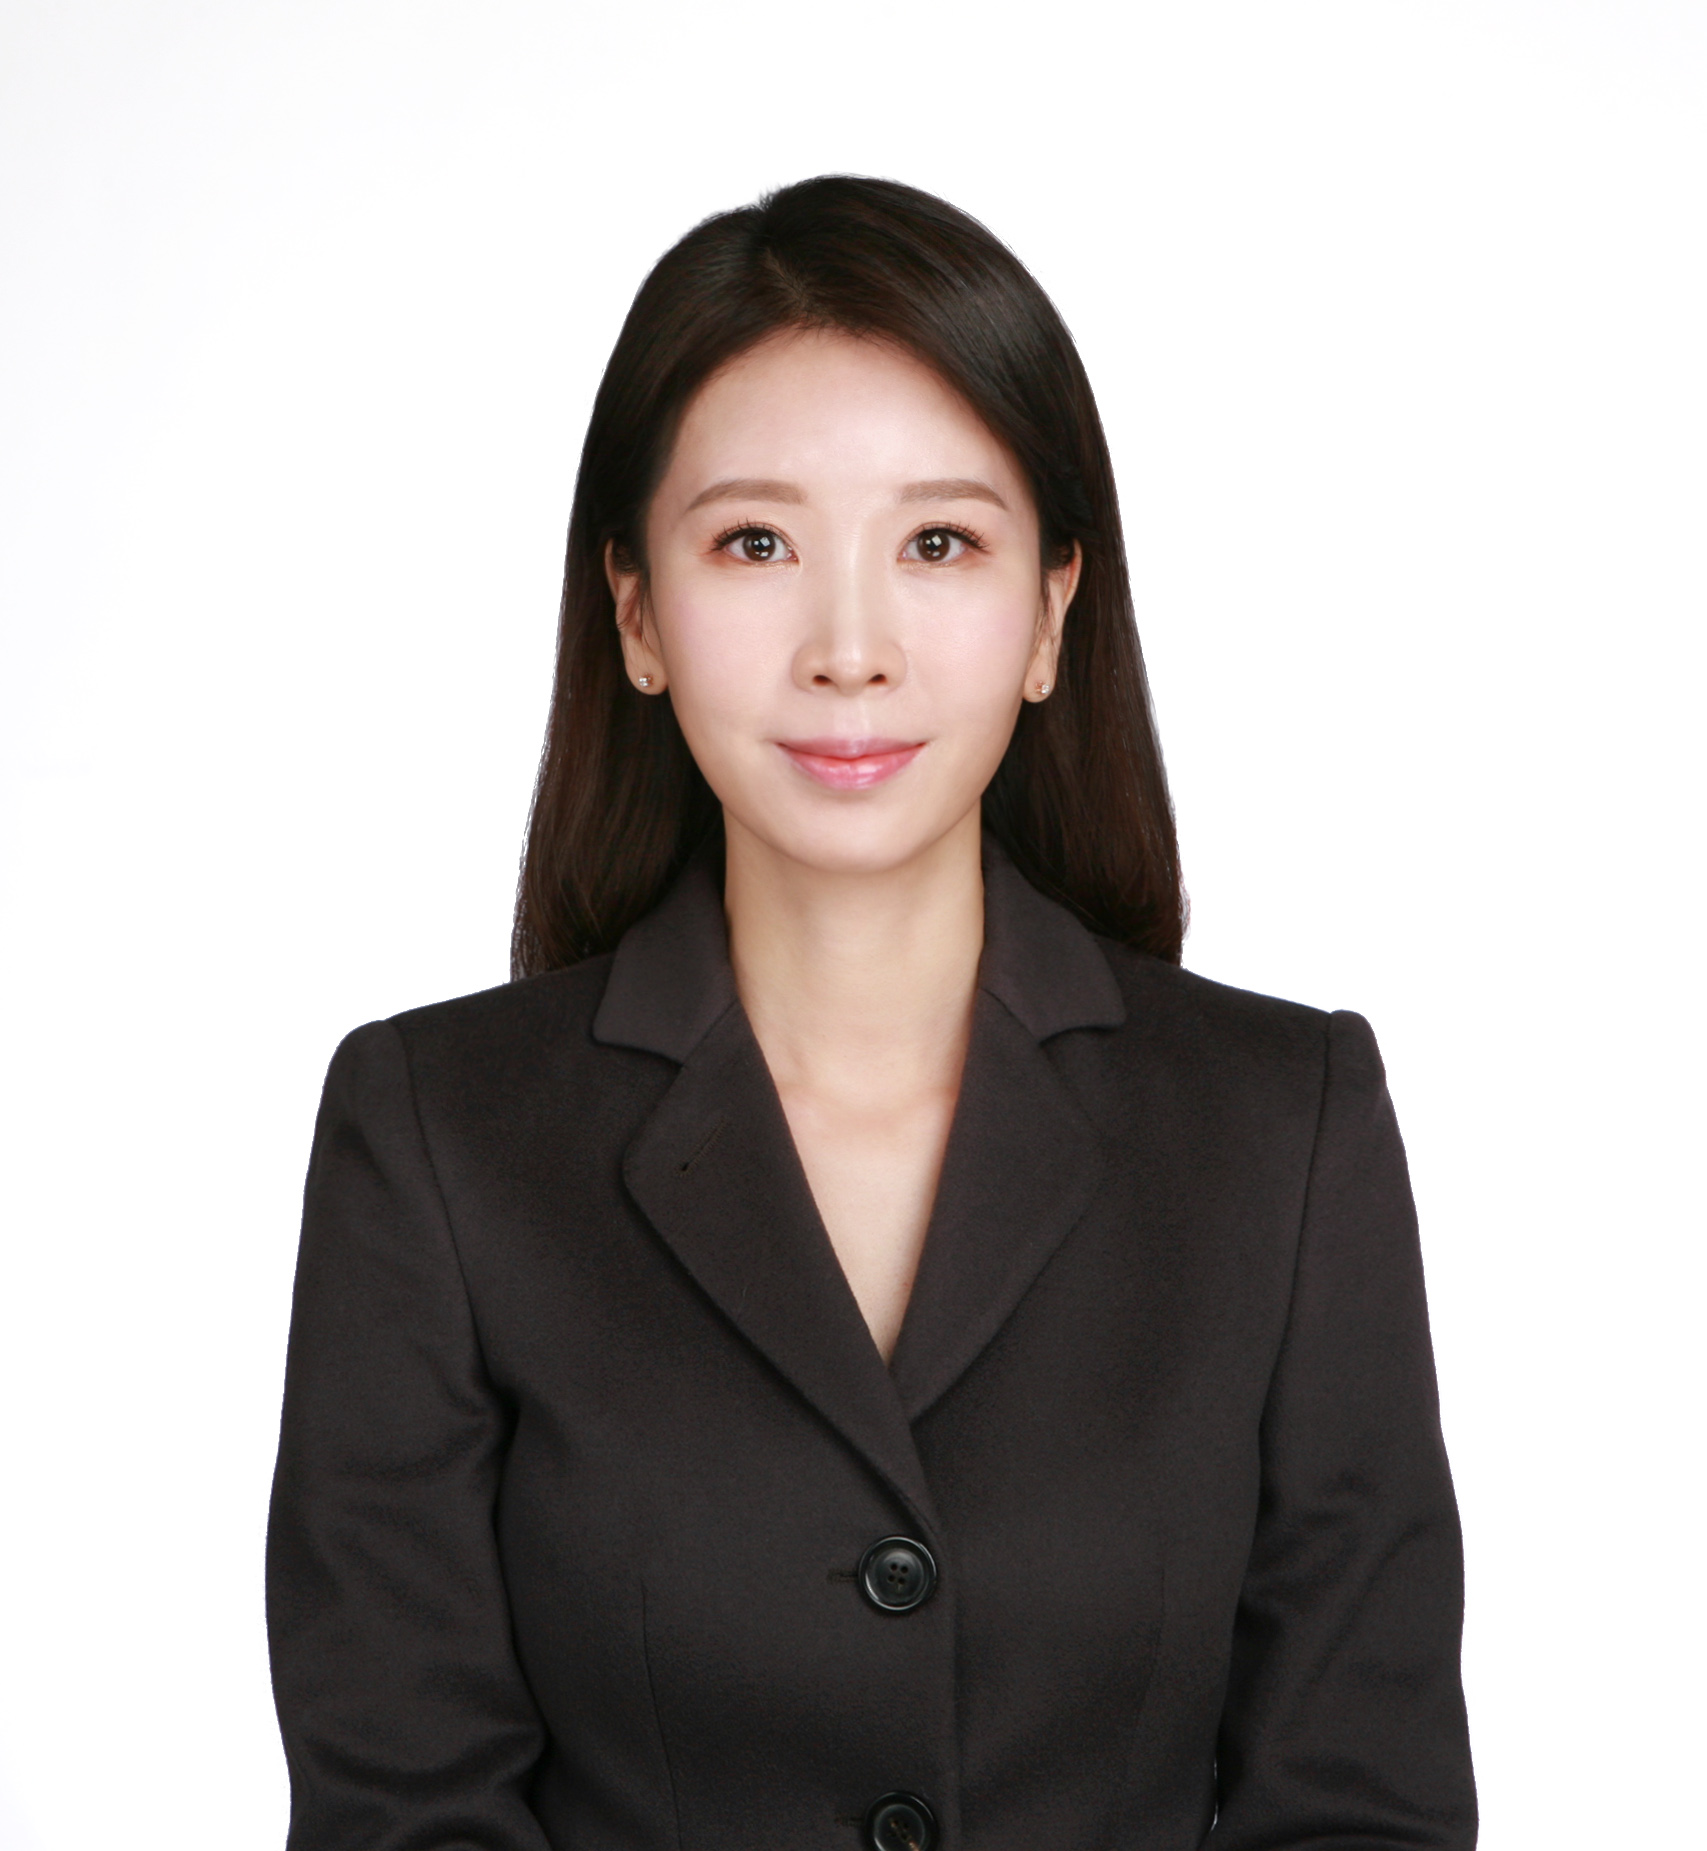 김화정 프로필 사진